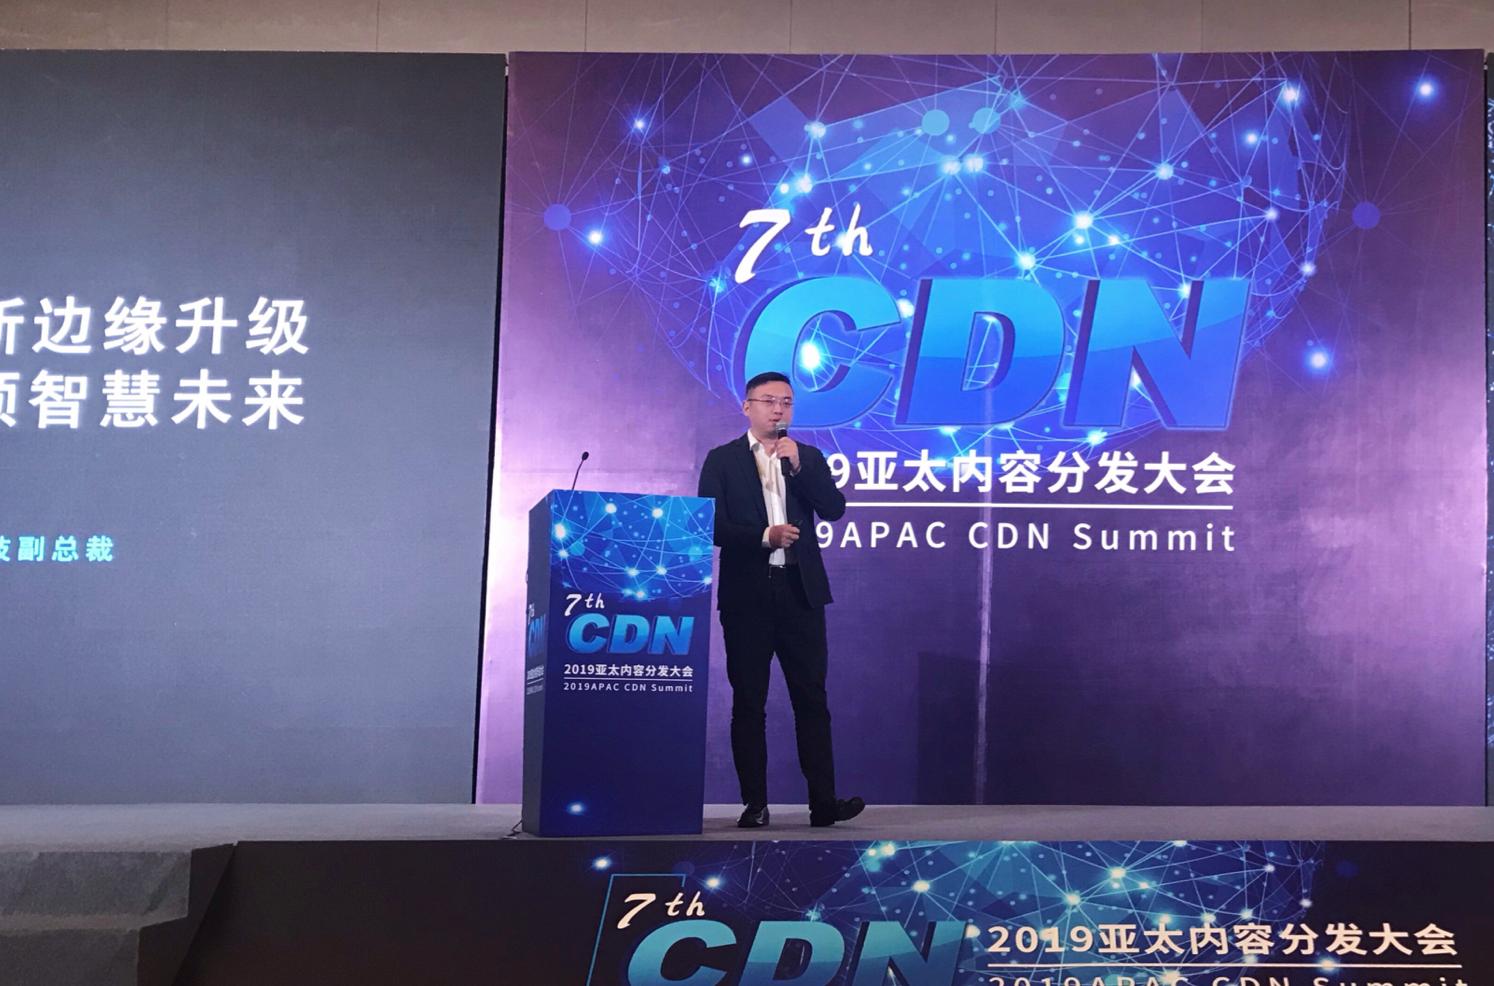 5G网络建设推动新应用的蓬勃发展 车联网成最大应用领域